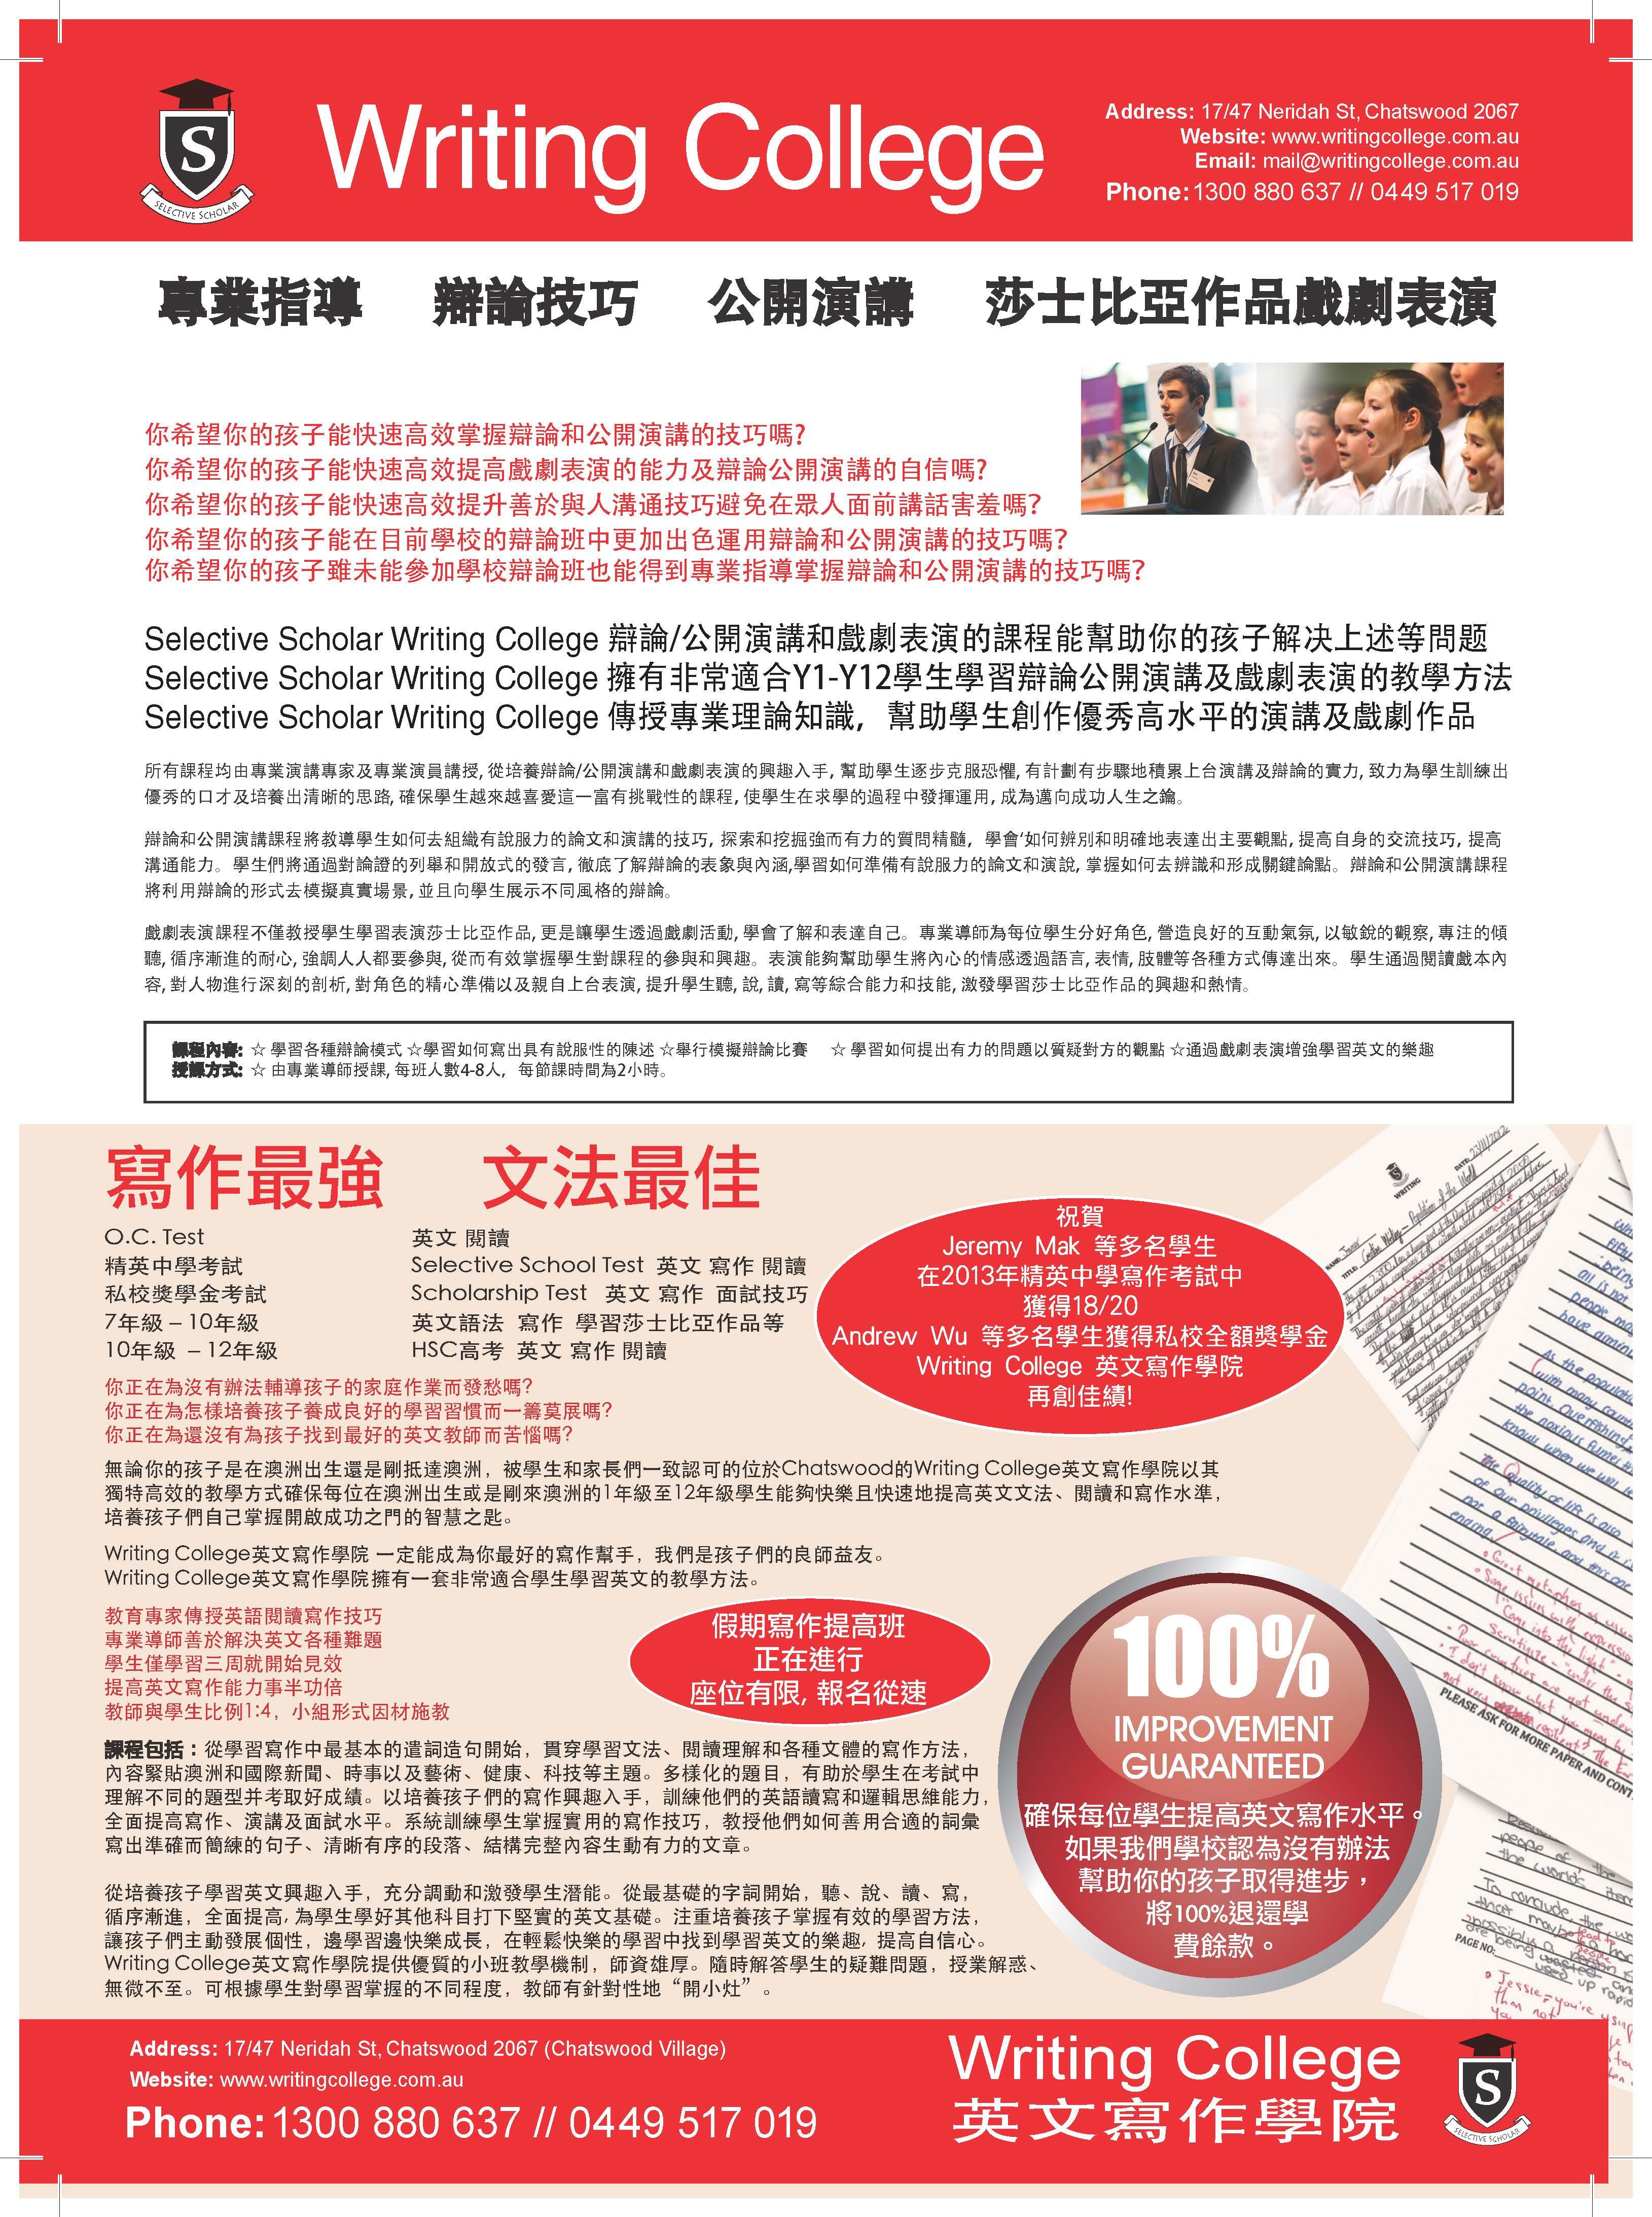 Australian Chinese Weekly 1.jpg